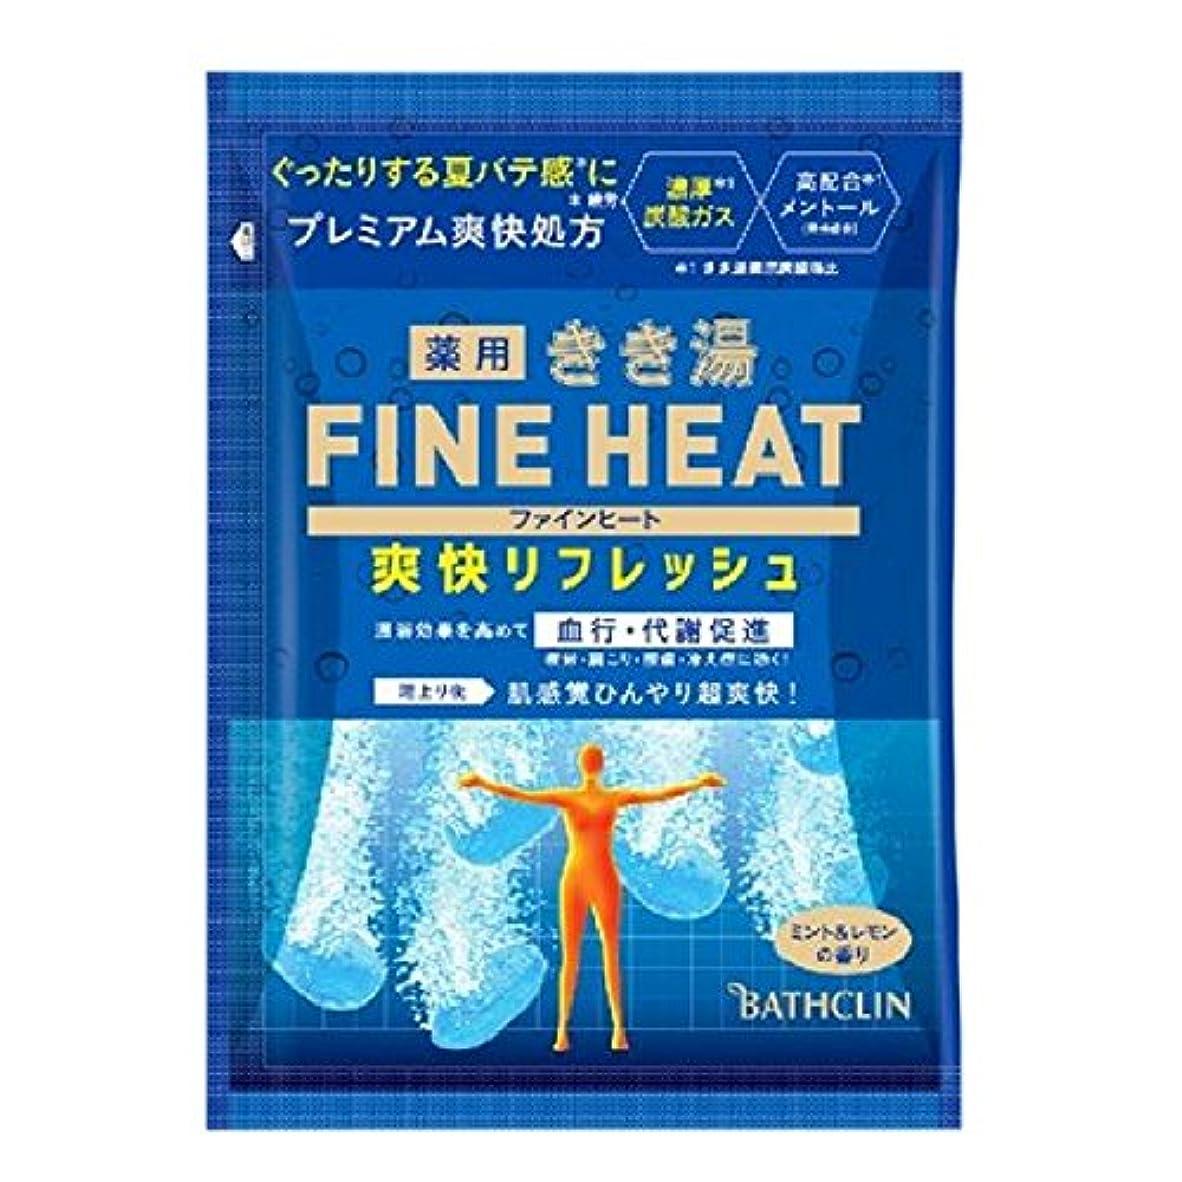 一緒にコンピューターを使用する入射きき湯ファインヒート ファインヒート(FINE HEAT) 爽快リフレッシュ ミント&レモンの香り 50g